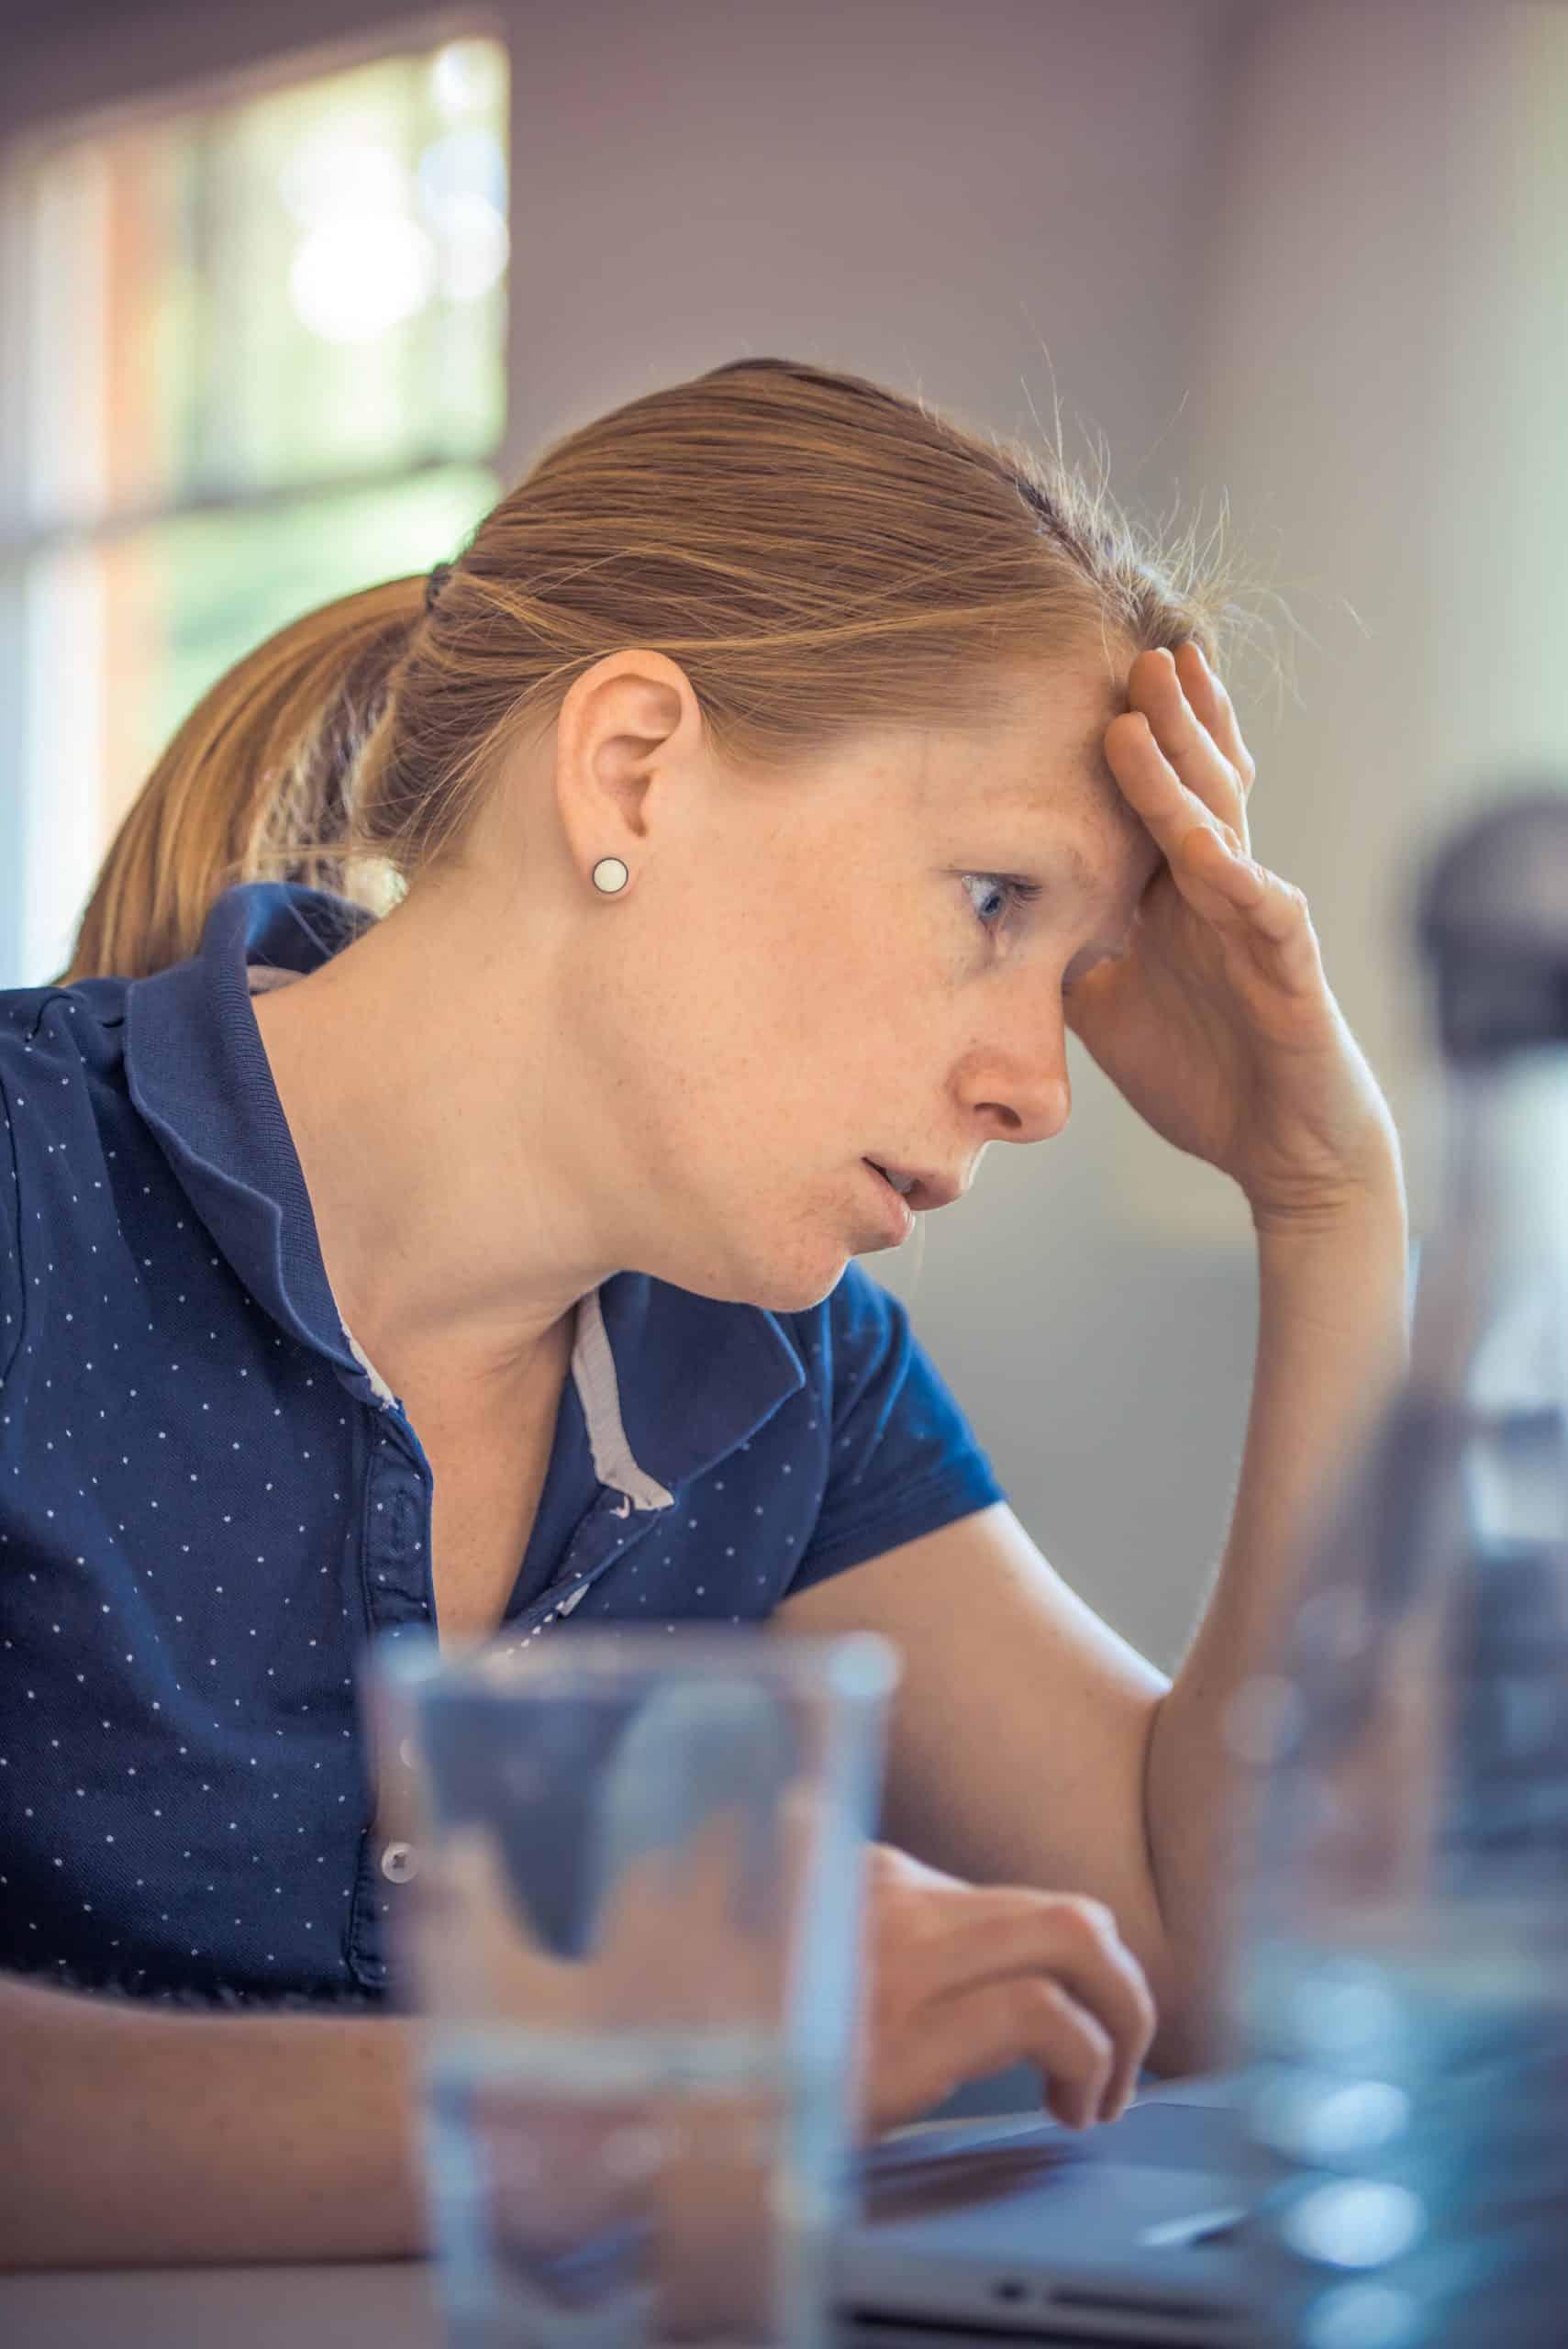 Lawyer burnout